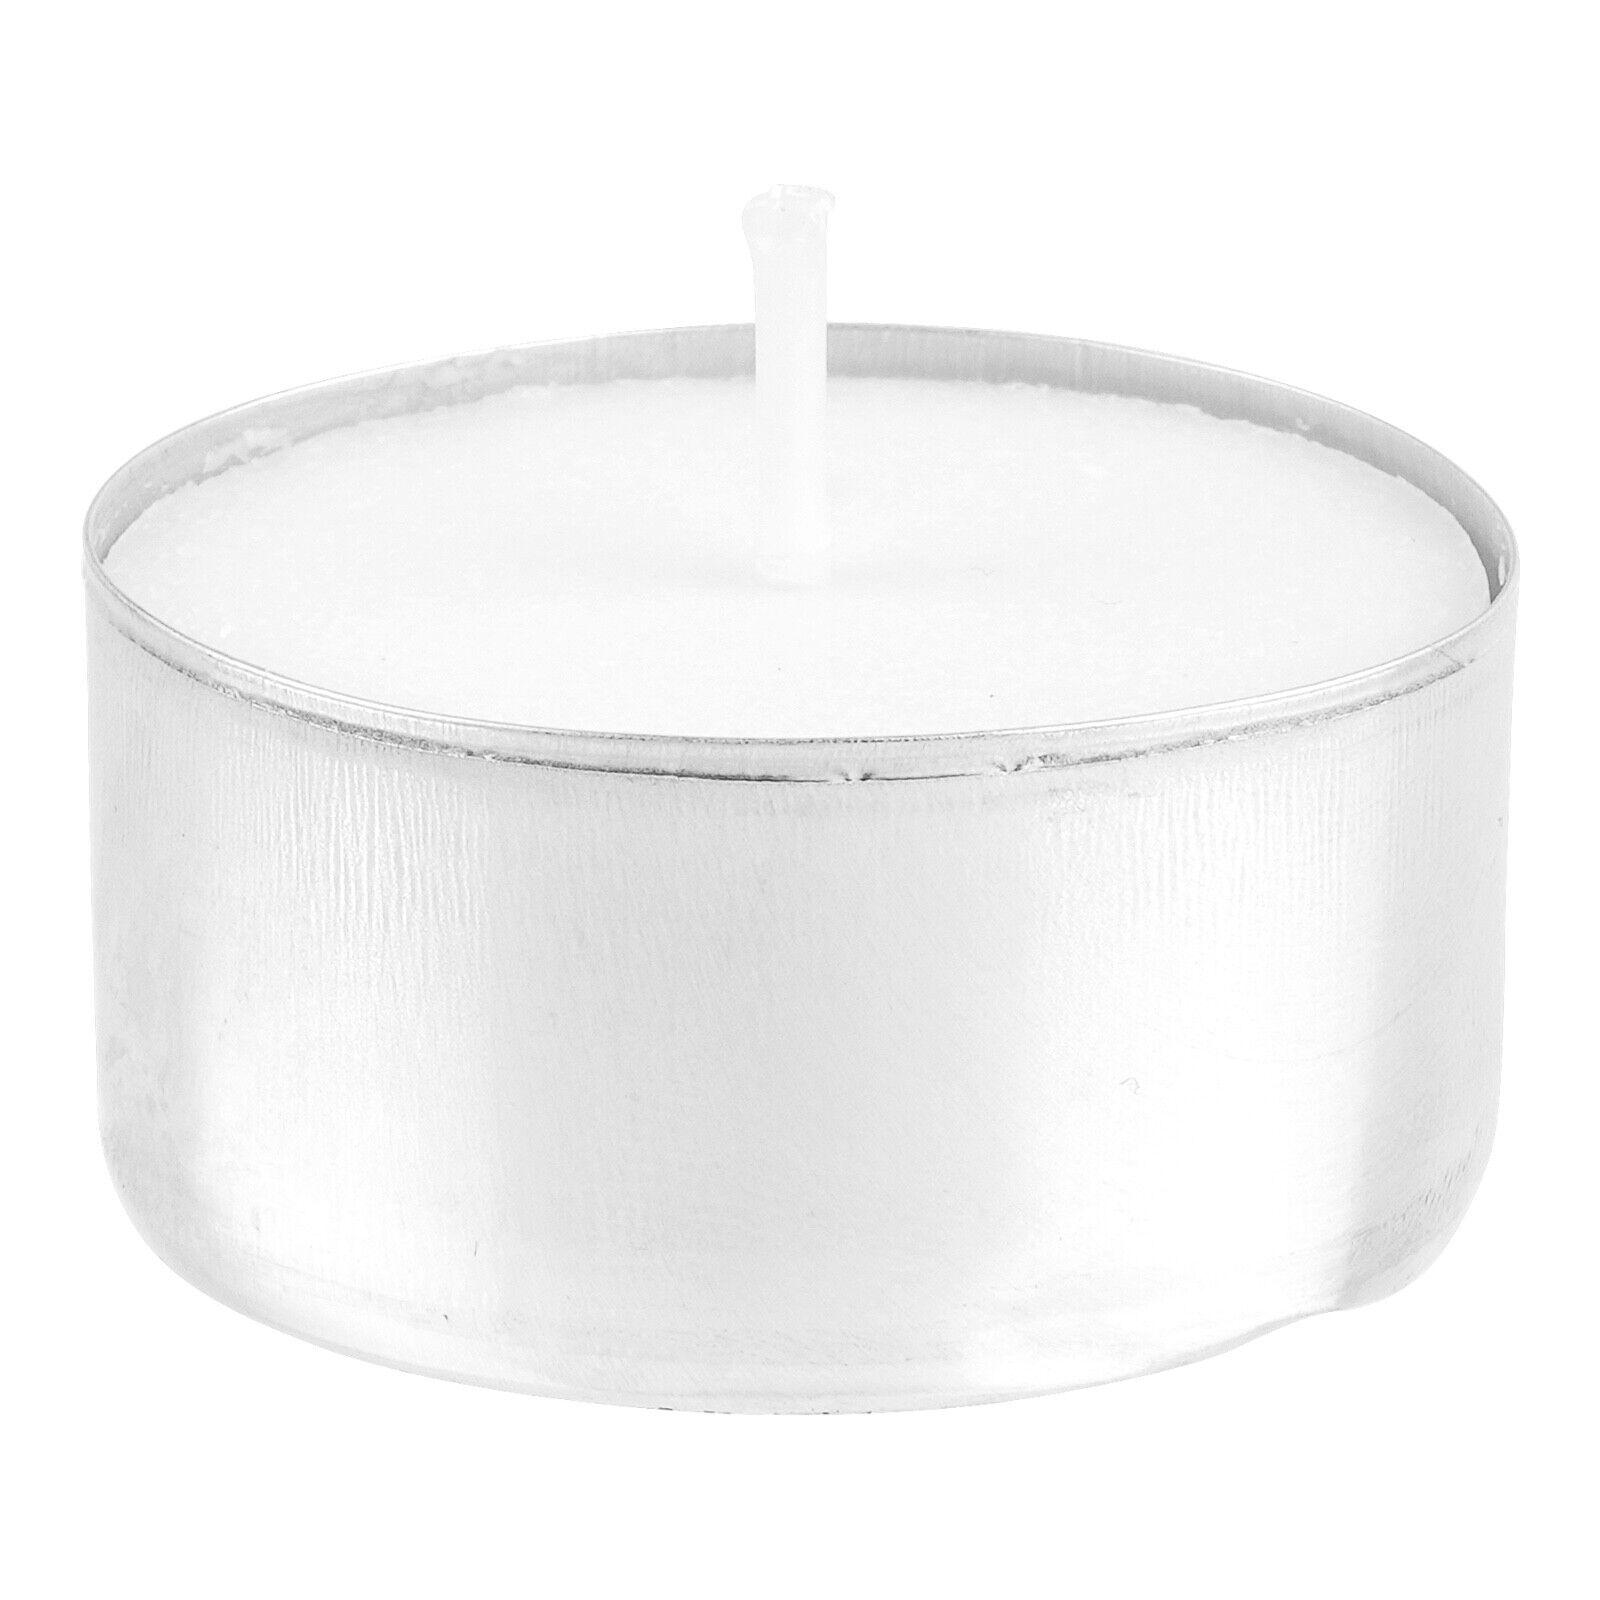 100-1000 Teelichter weiss 4 h Brenndauer Kerzen Teelichte in Alu Hülse Teelicht